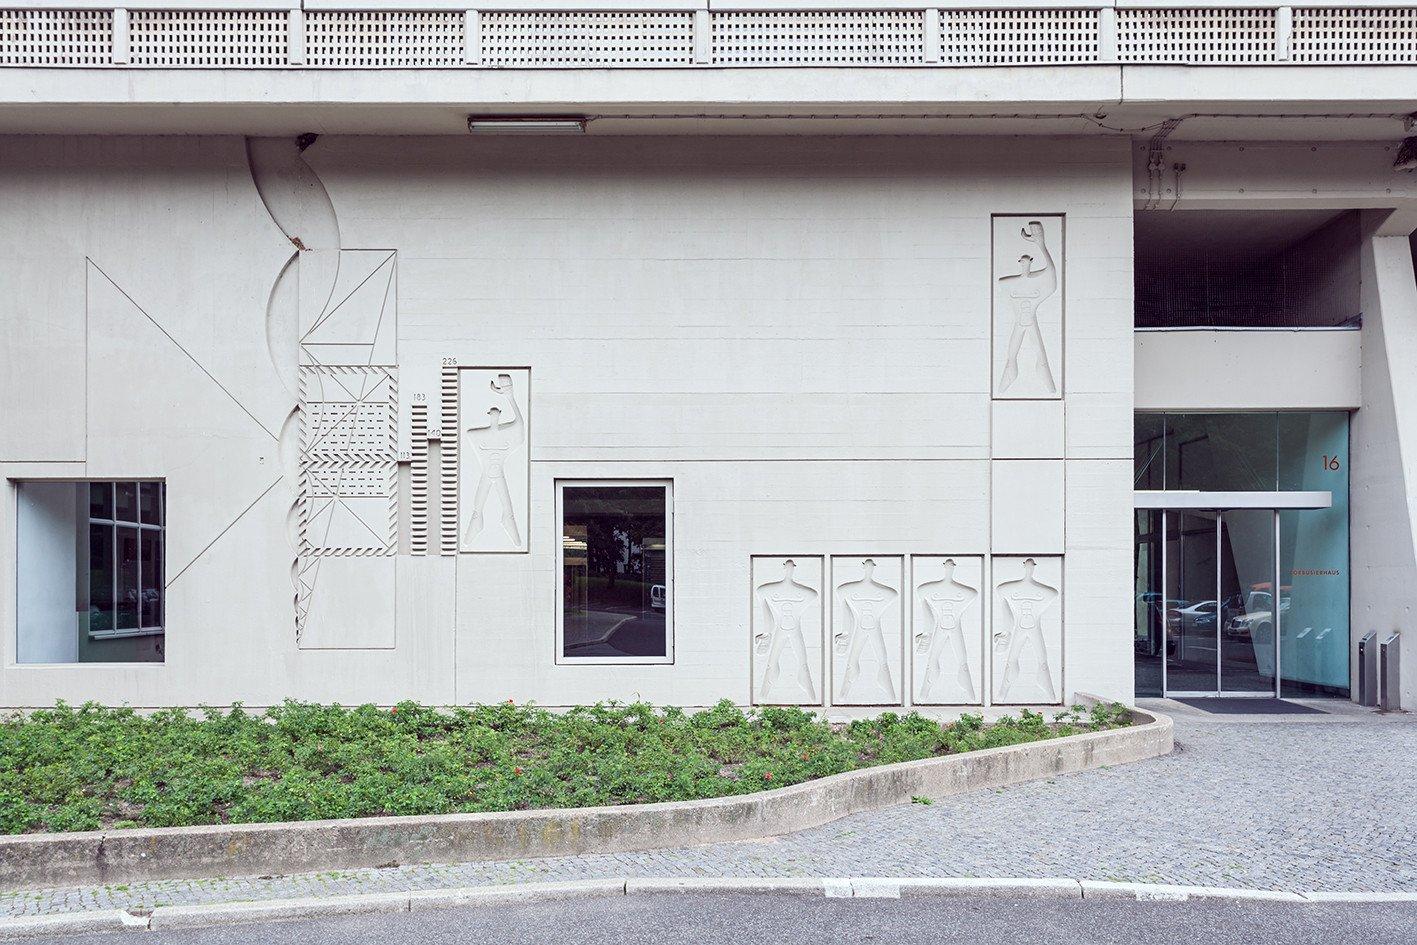 wohnung 402 im corbusierhaus berlin elektro wohnen baunetz wissen. Black Bedroom Furniture Sets. Home Design Ideas